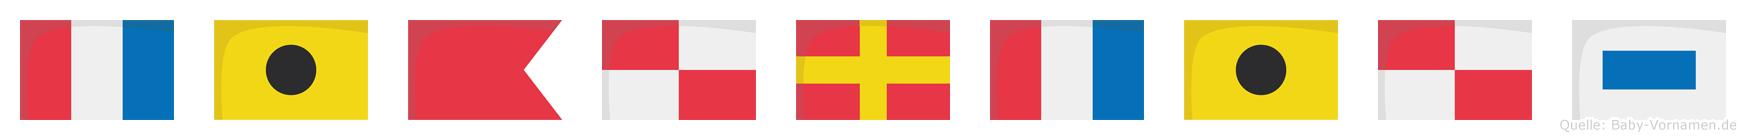 Tiburtius im Flaggenalphabet